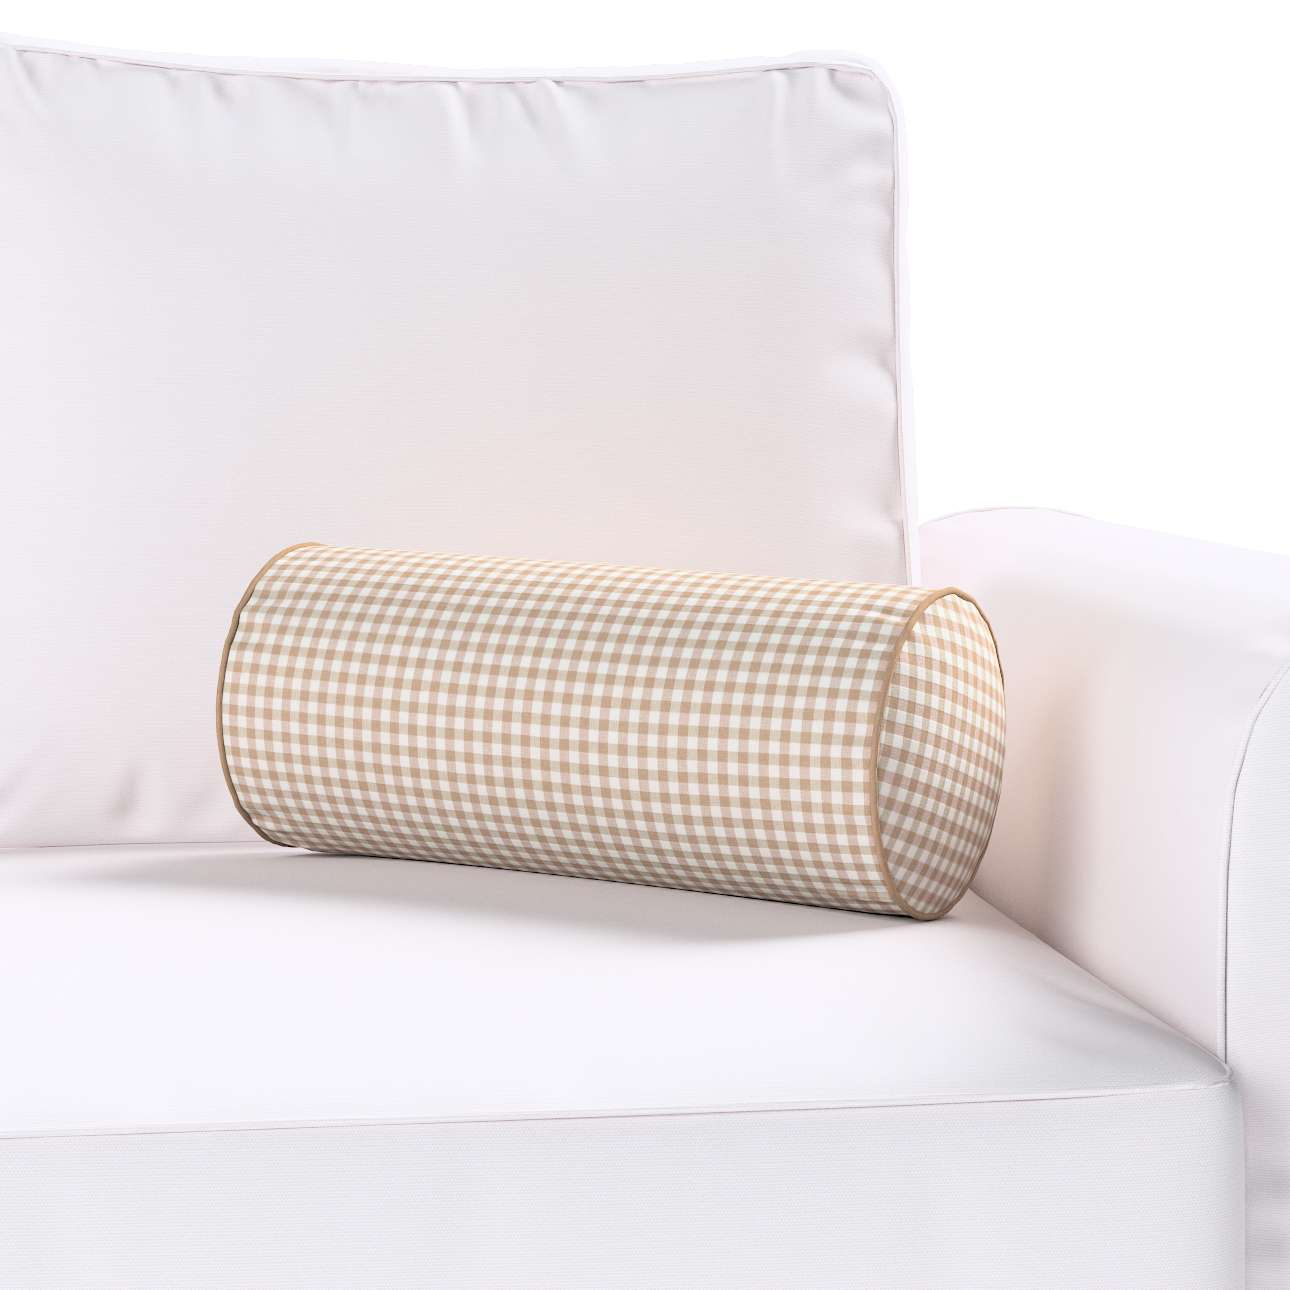 Poduszka wałek prosty Ø 16 x 40 cm w kolekcji Quadro, tkanina: 136-05